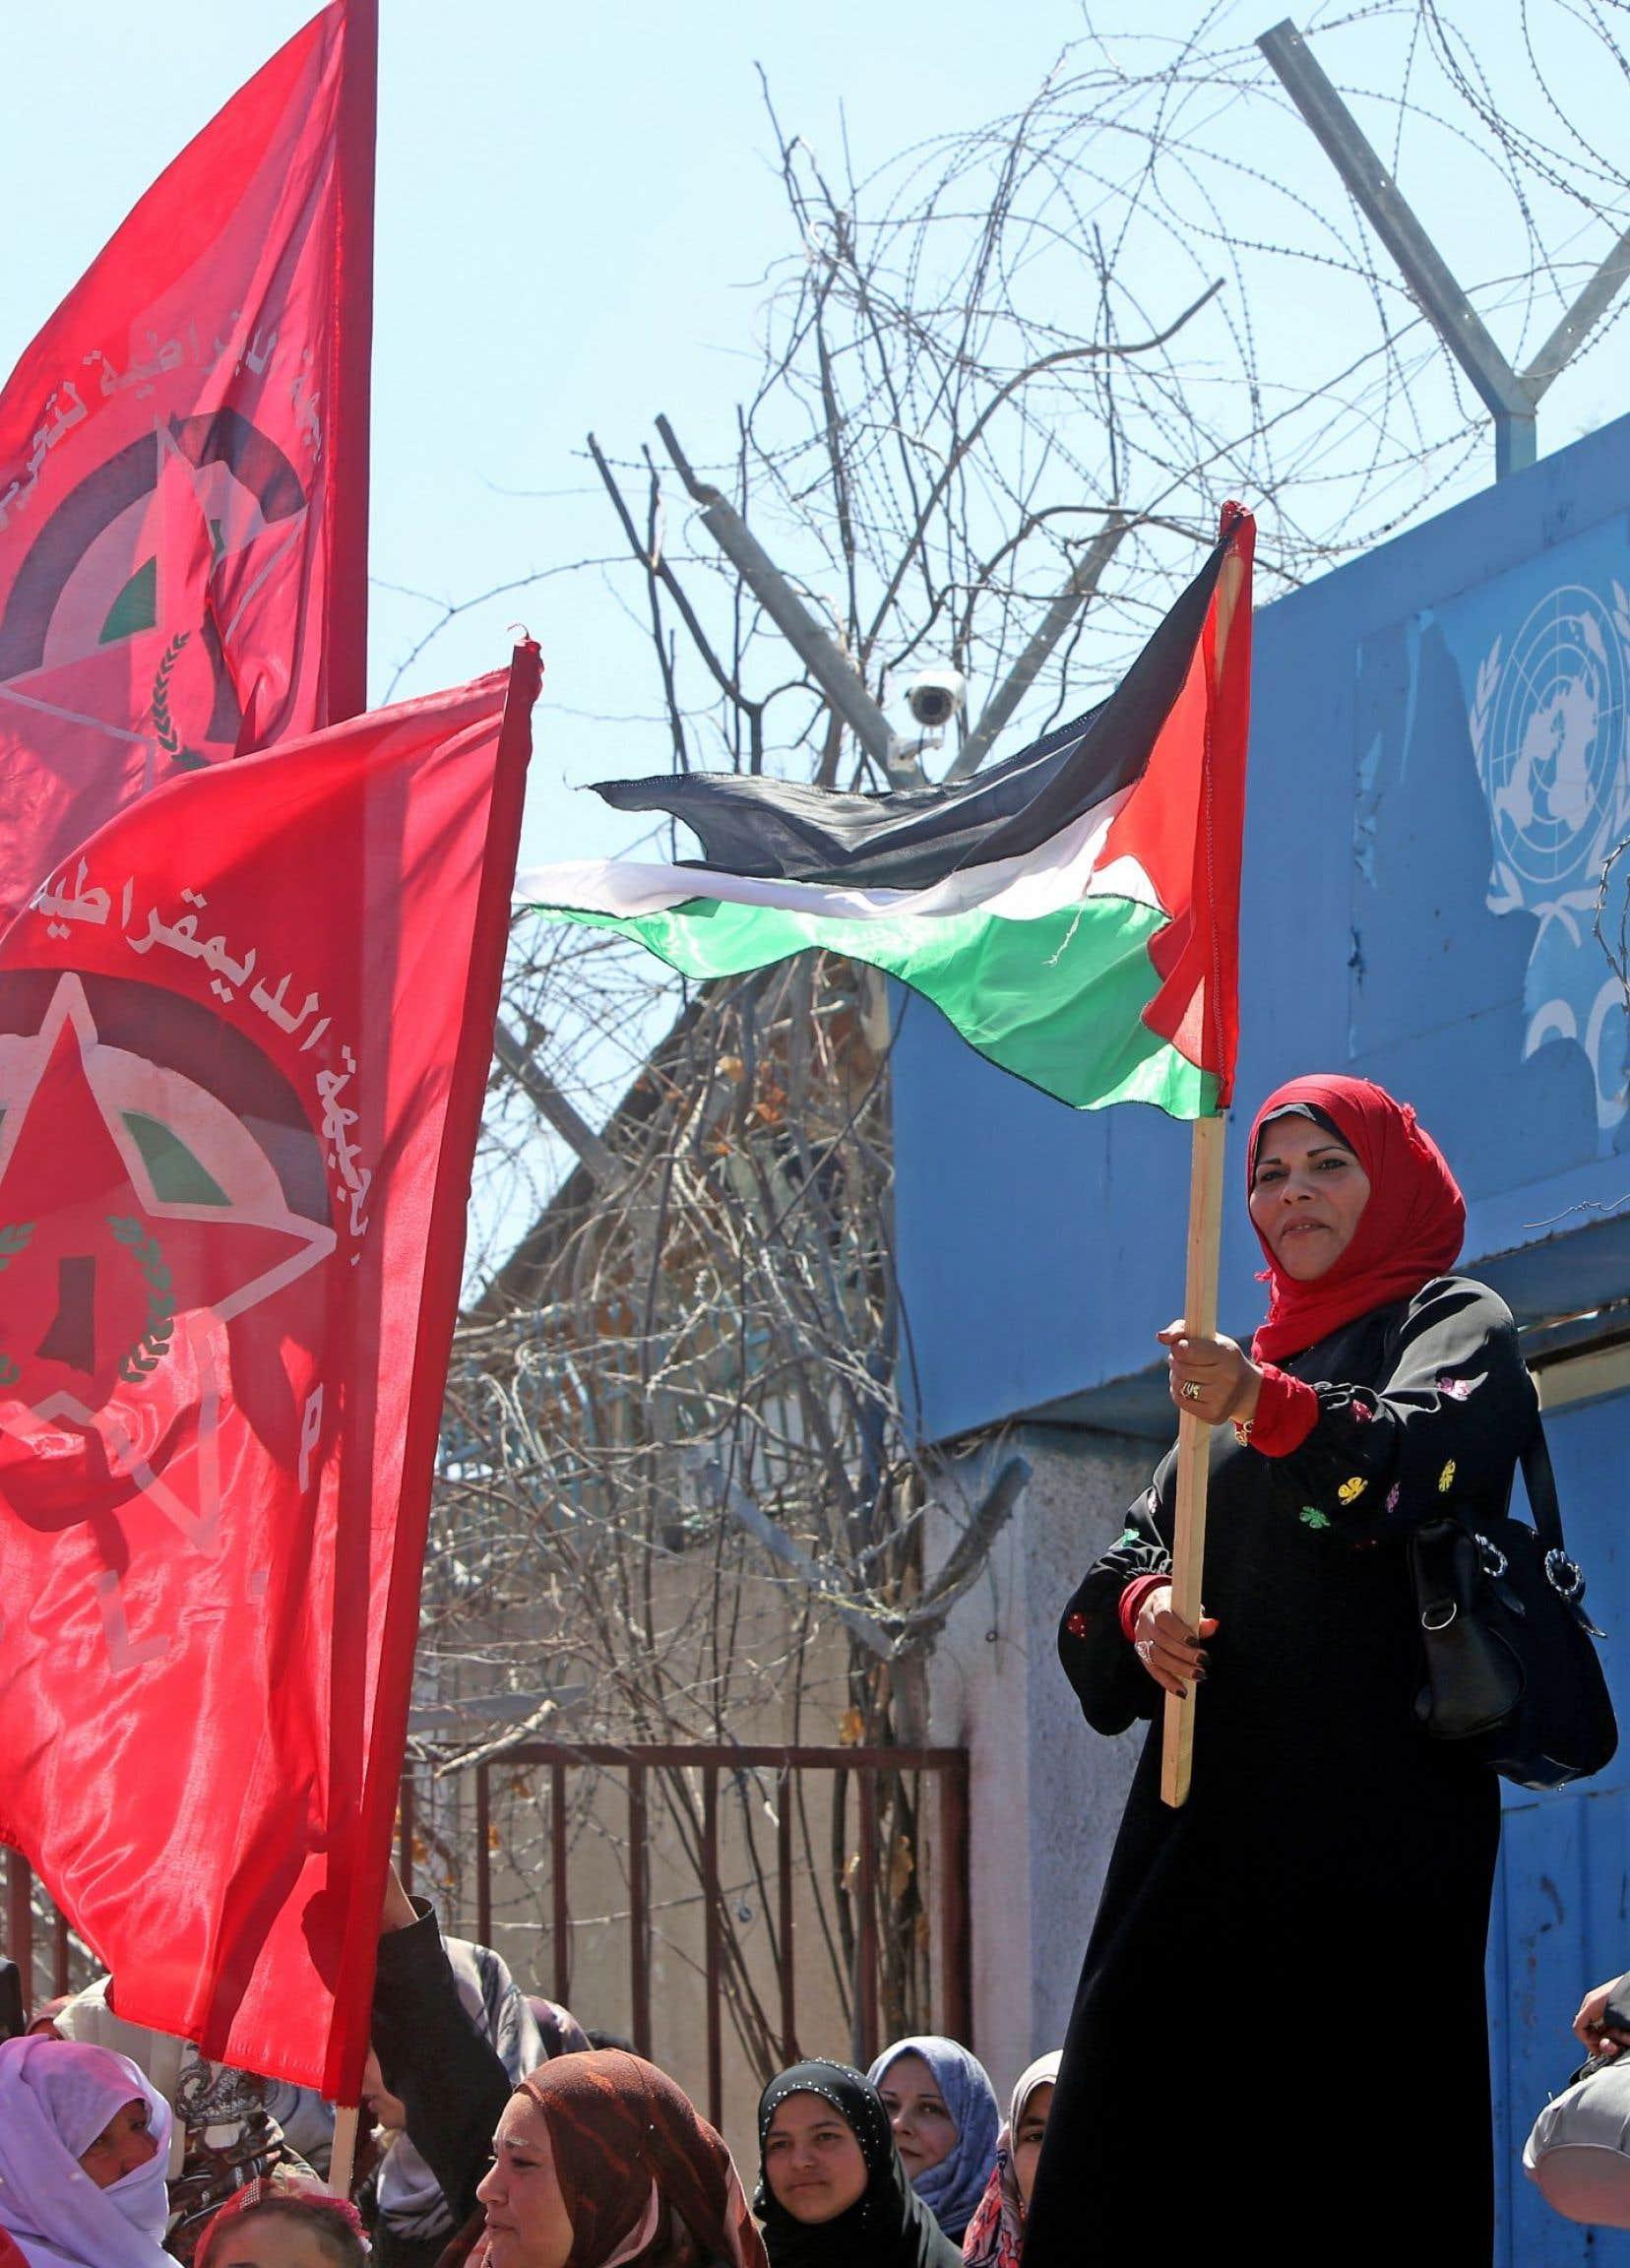 À Gaza, des Palestiniens ont démontré leur soutien aux réfugiés du camp Yarmouk, à Damas, qui a été pris d'assaut la semaine dernière par les djihadistes du groupe État islamique.